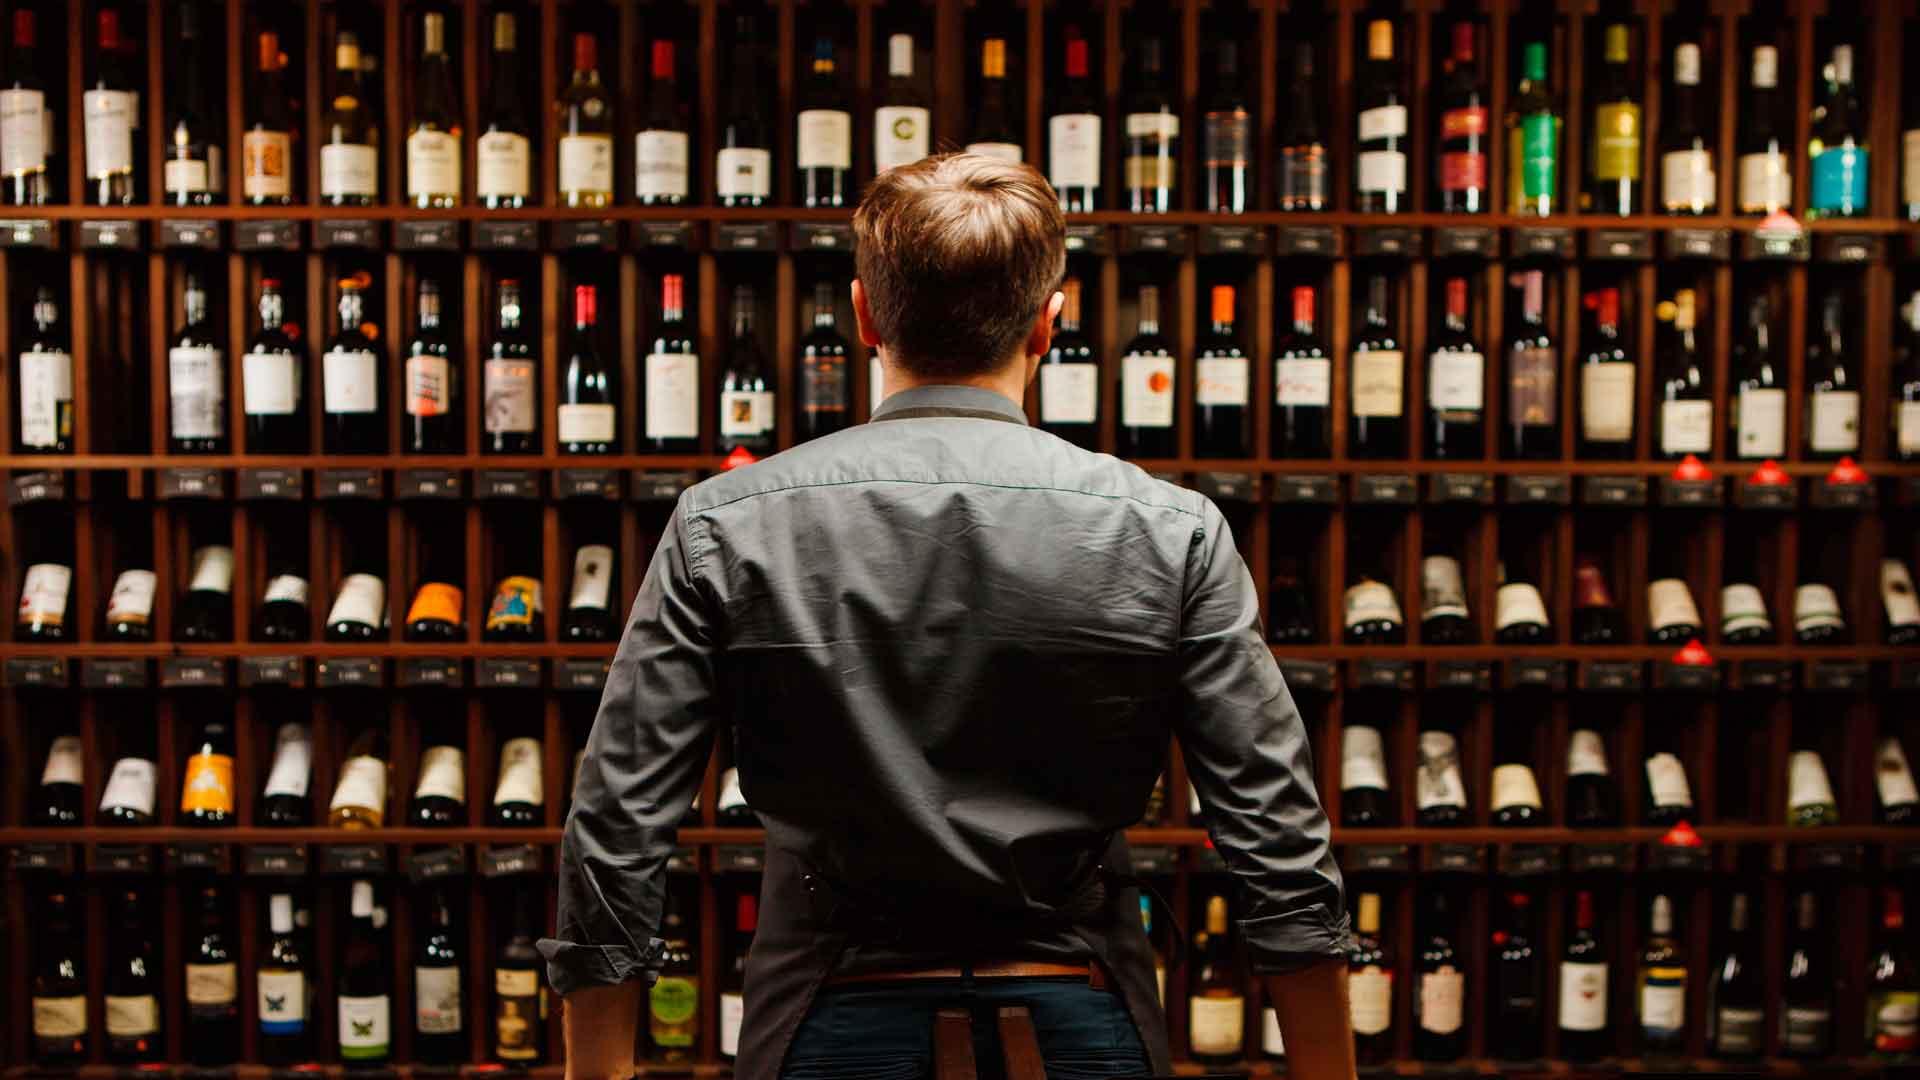 Vinos, maridaje, tips y gadgets para primerizos en el mundo del vino